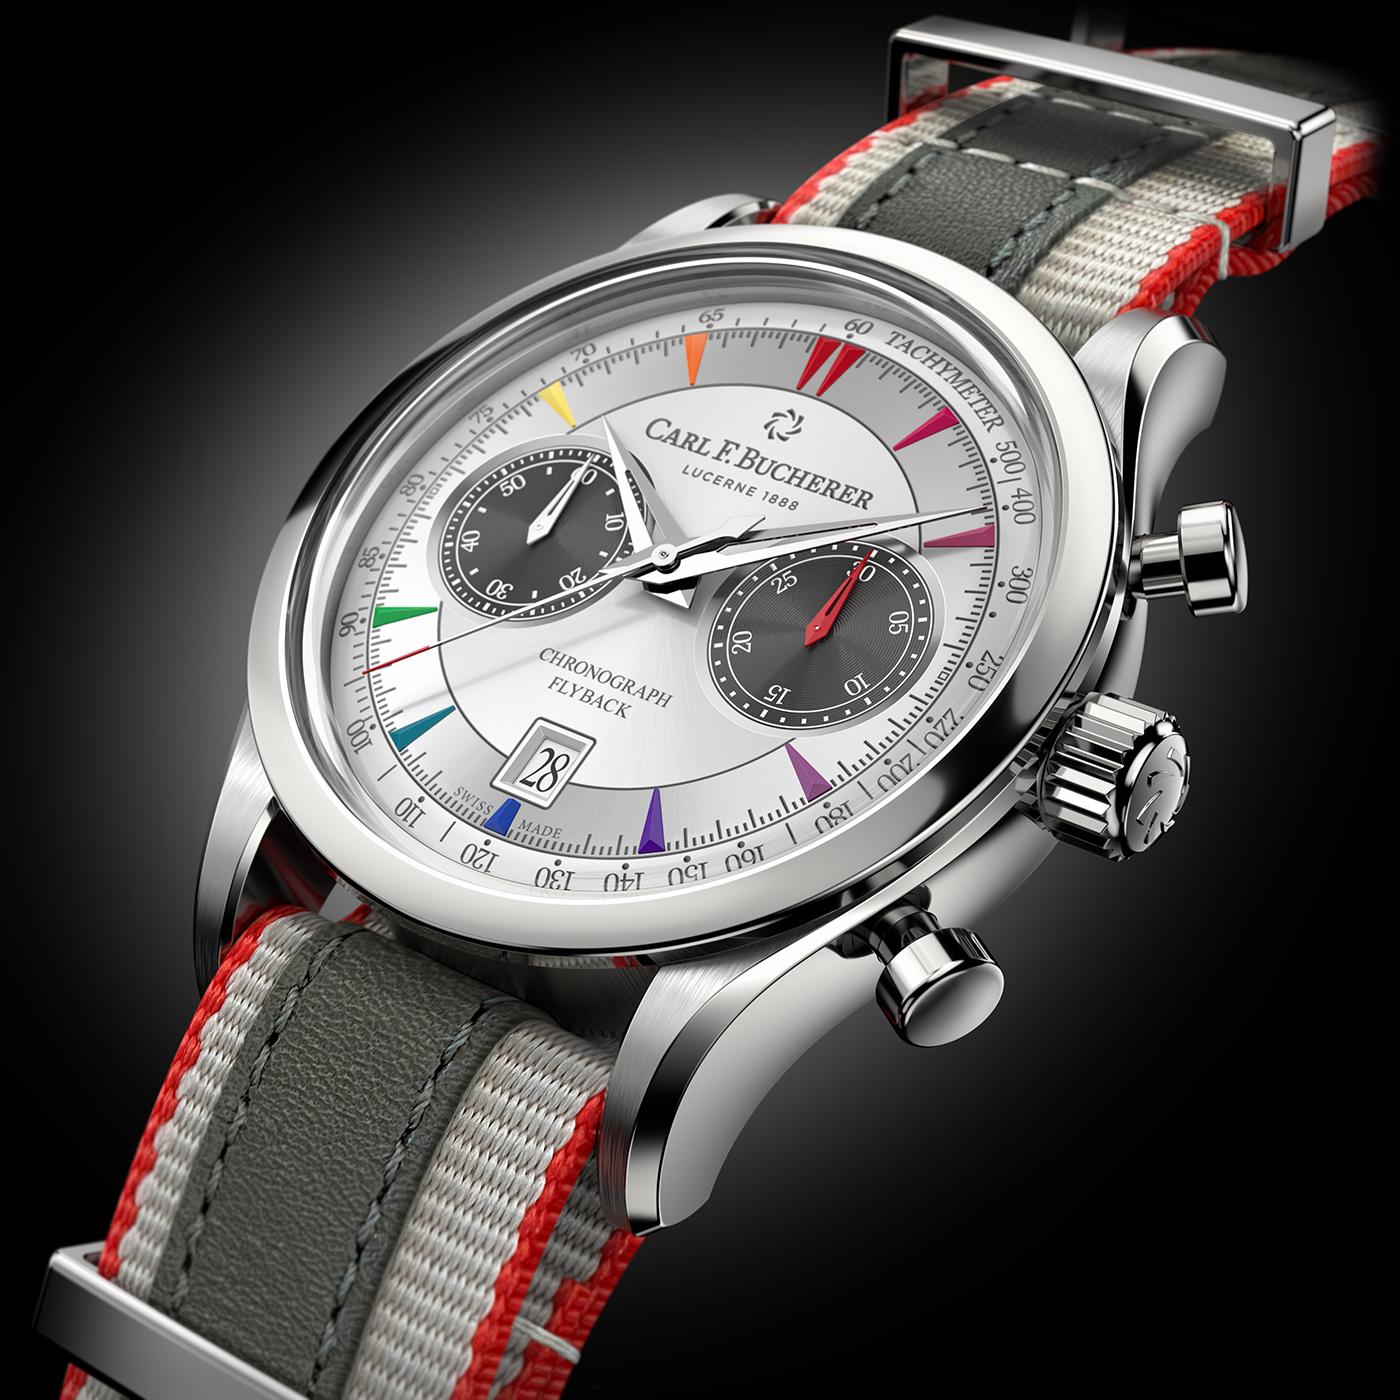 Carl F. Bucherer выпускает ограниченную серию фирменных часов Manero Flyback